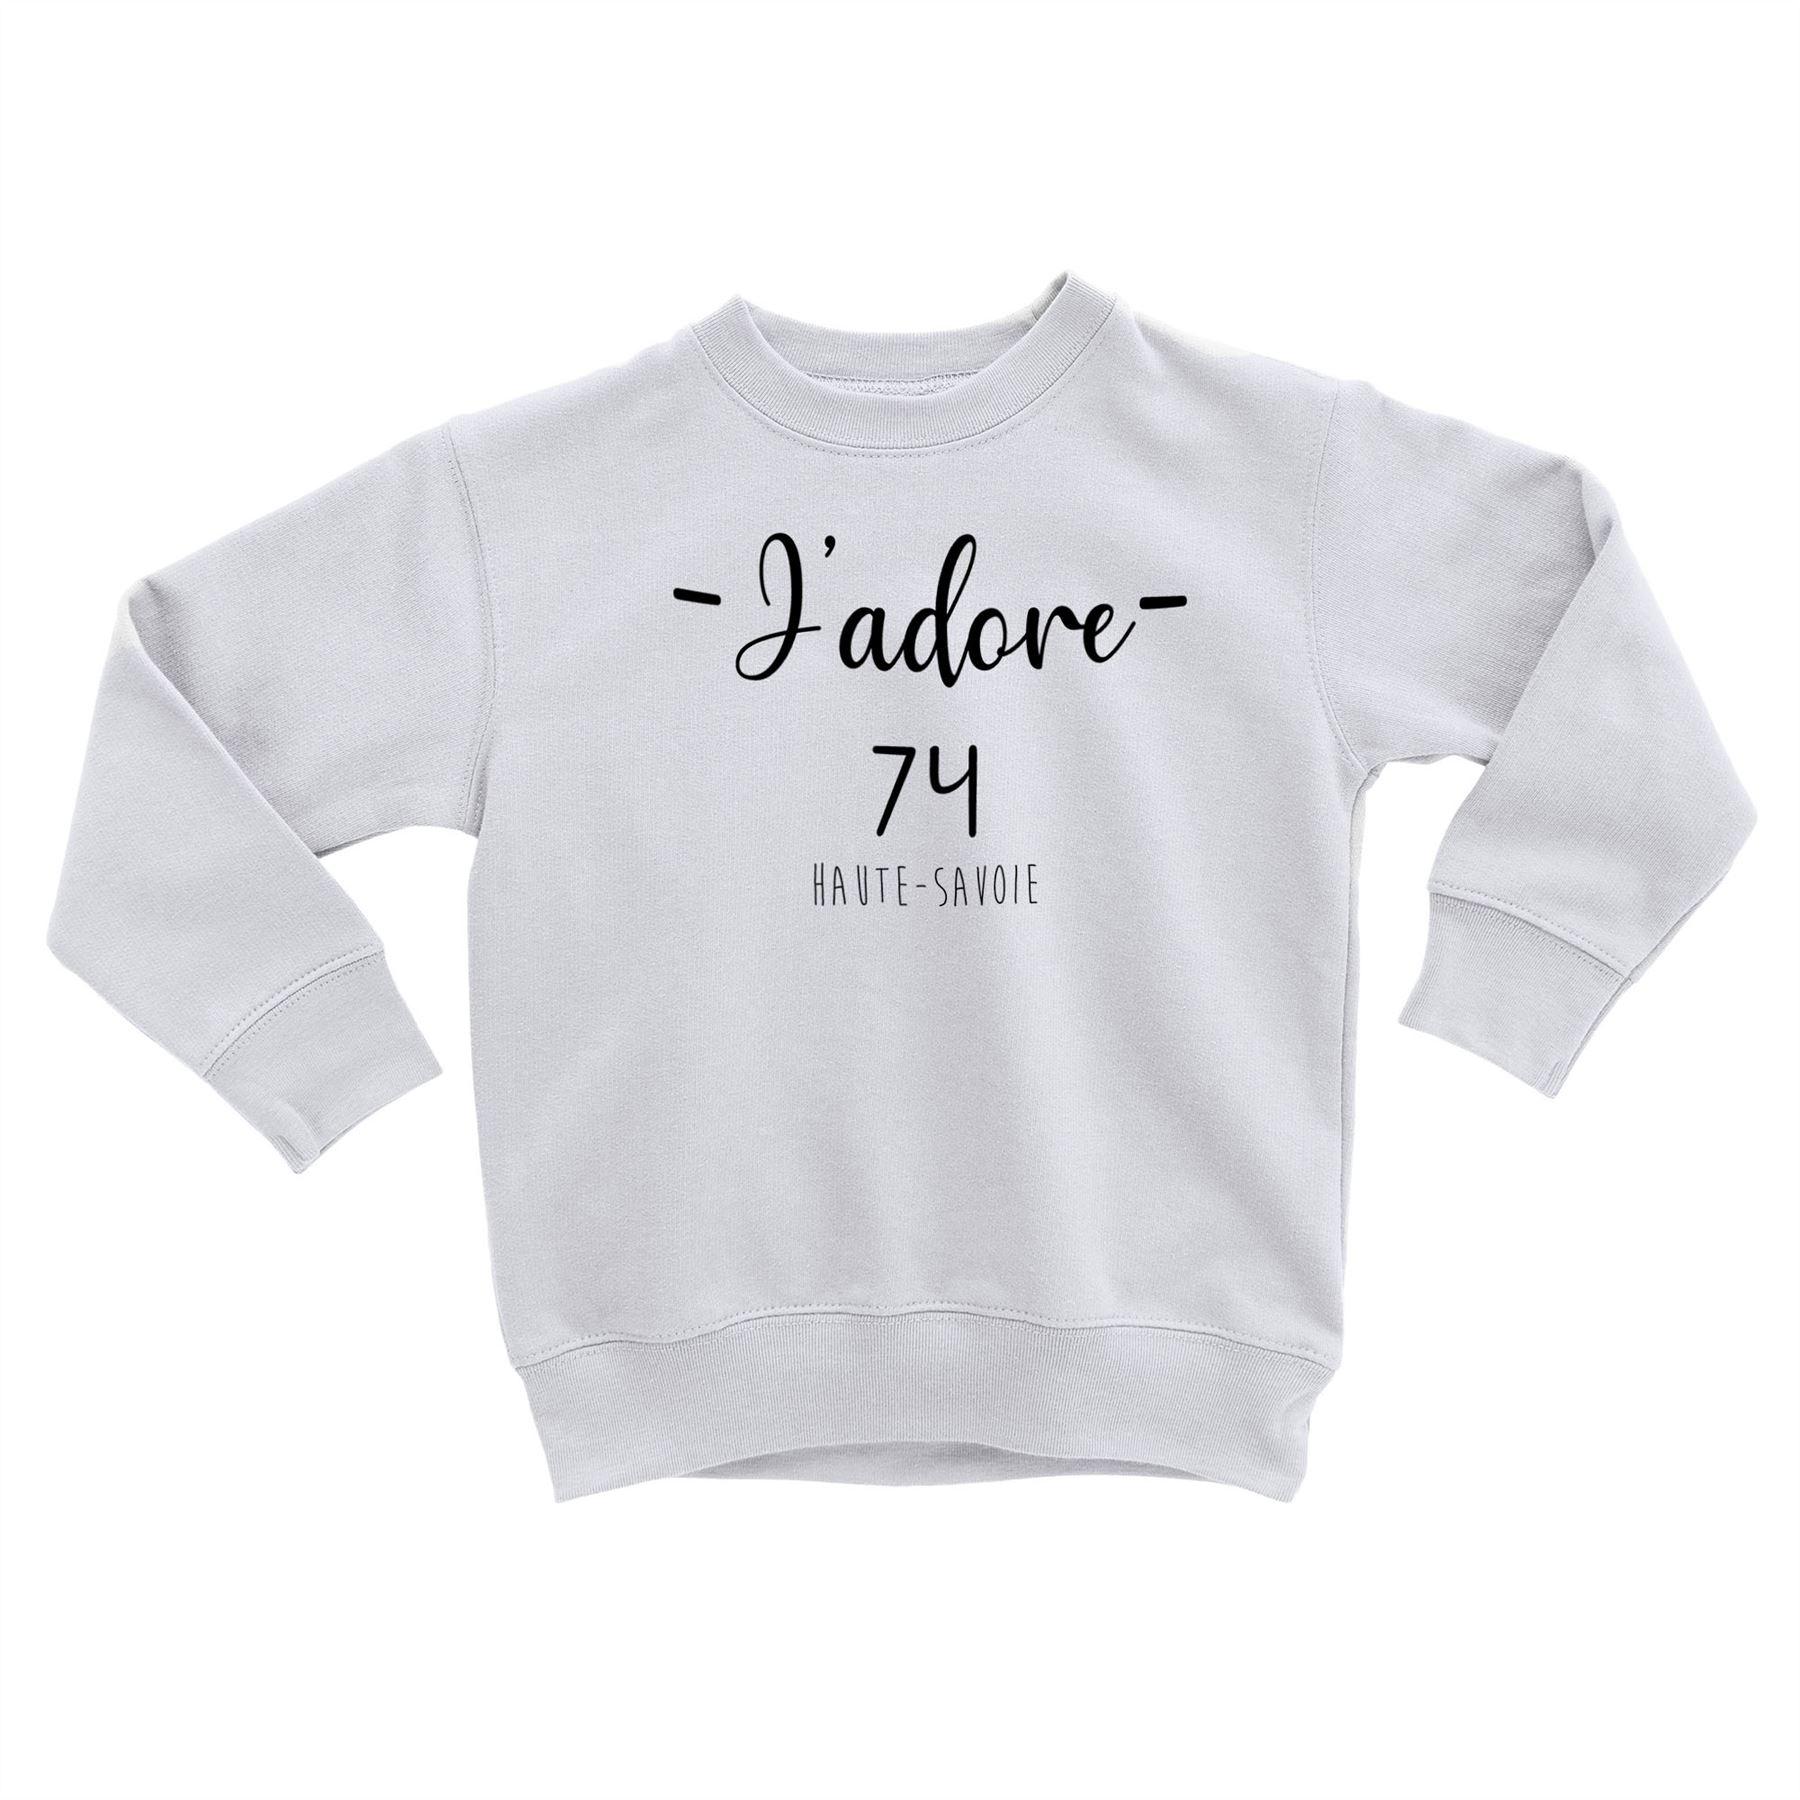 Détails Sur Sweatshirt Enfant J'adore 74 Haute Savoie Departement France  Region Annecy encequiconcerne Région Et Département France